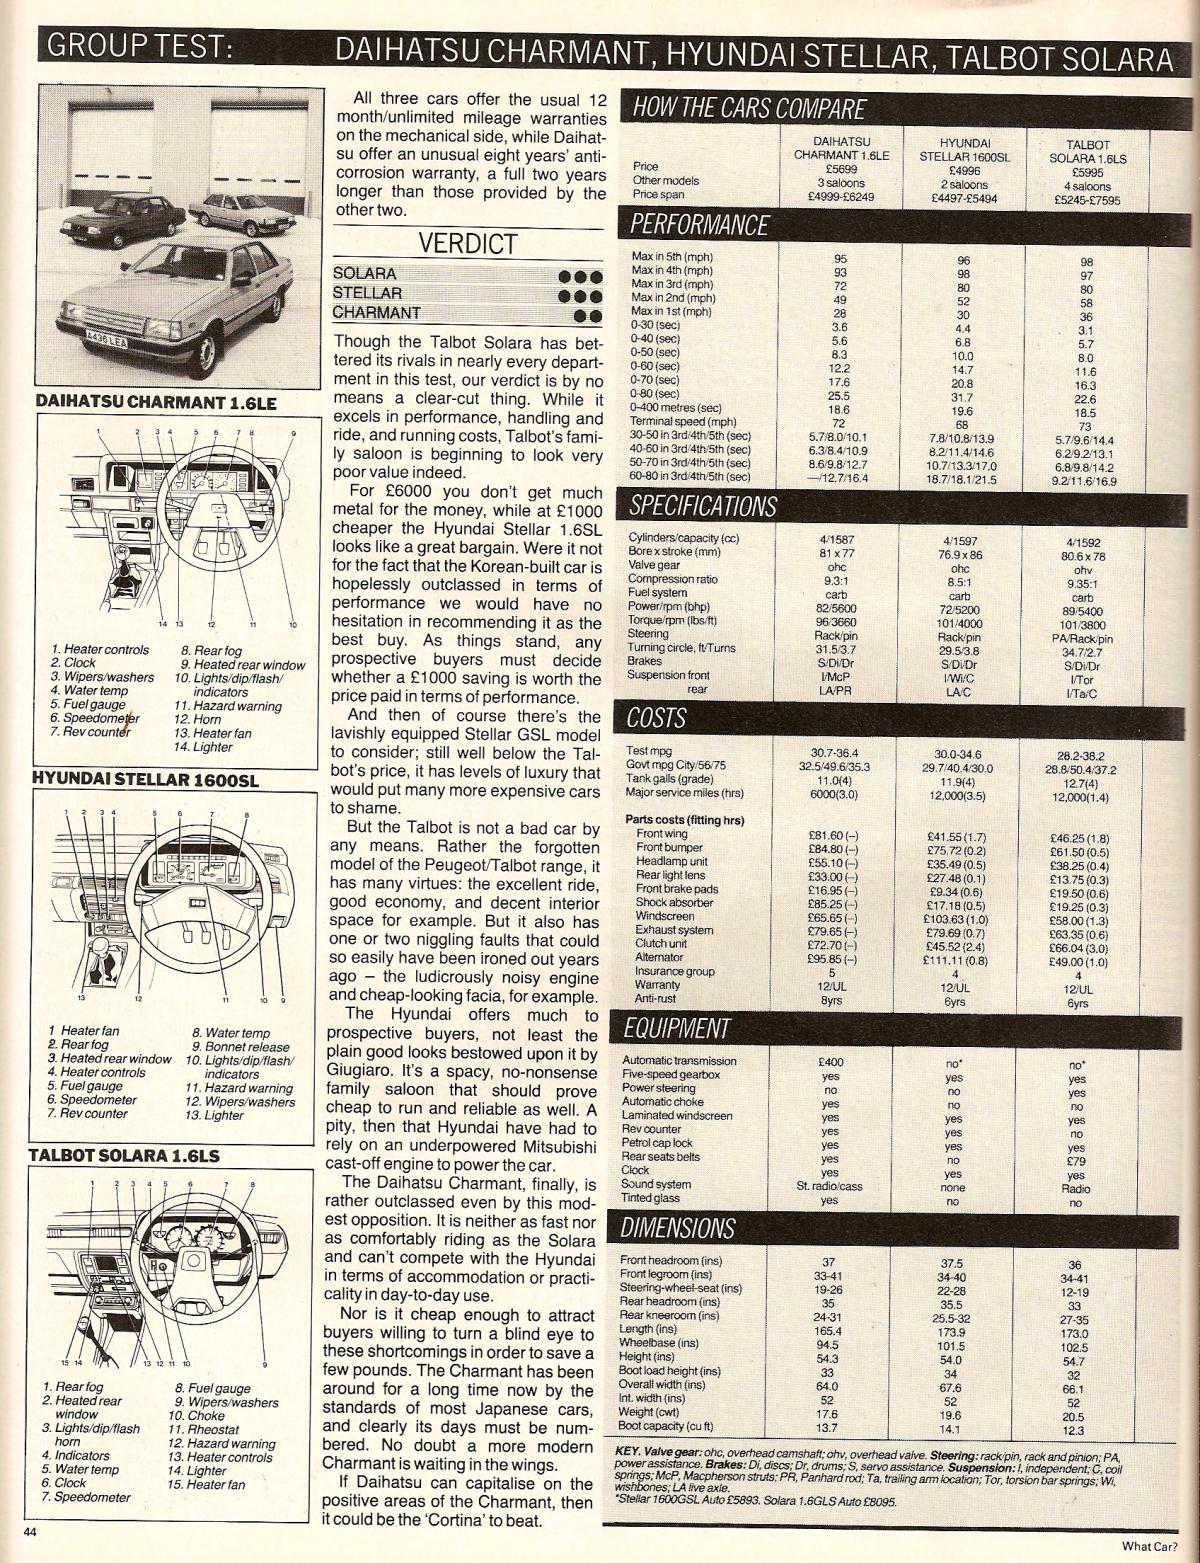 Hyundai Stellar Vs Daihatsu Charmant & Talbot Solara Test 1984 (4).jpg